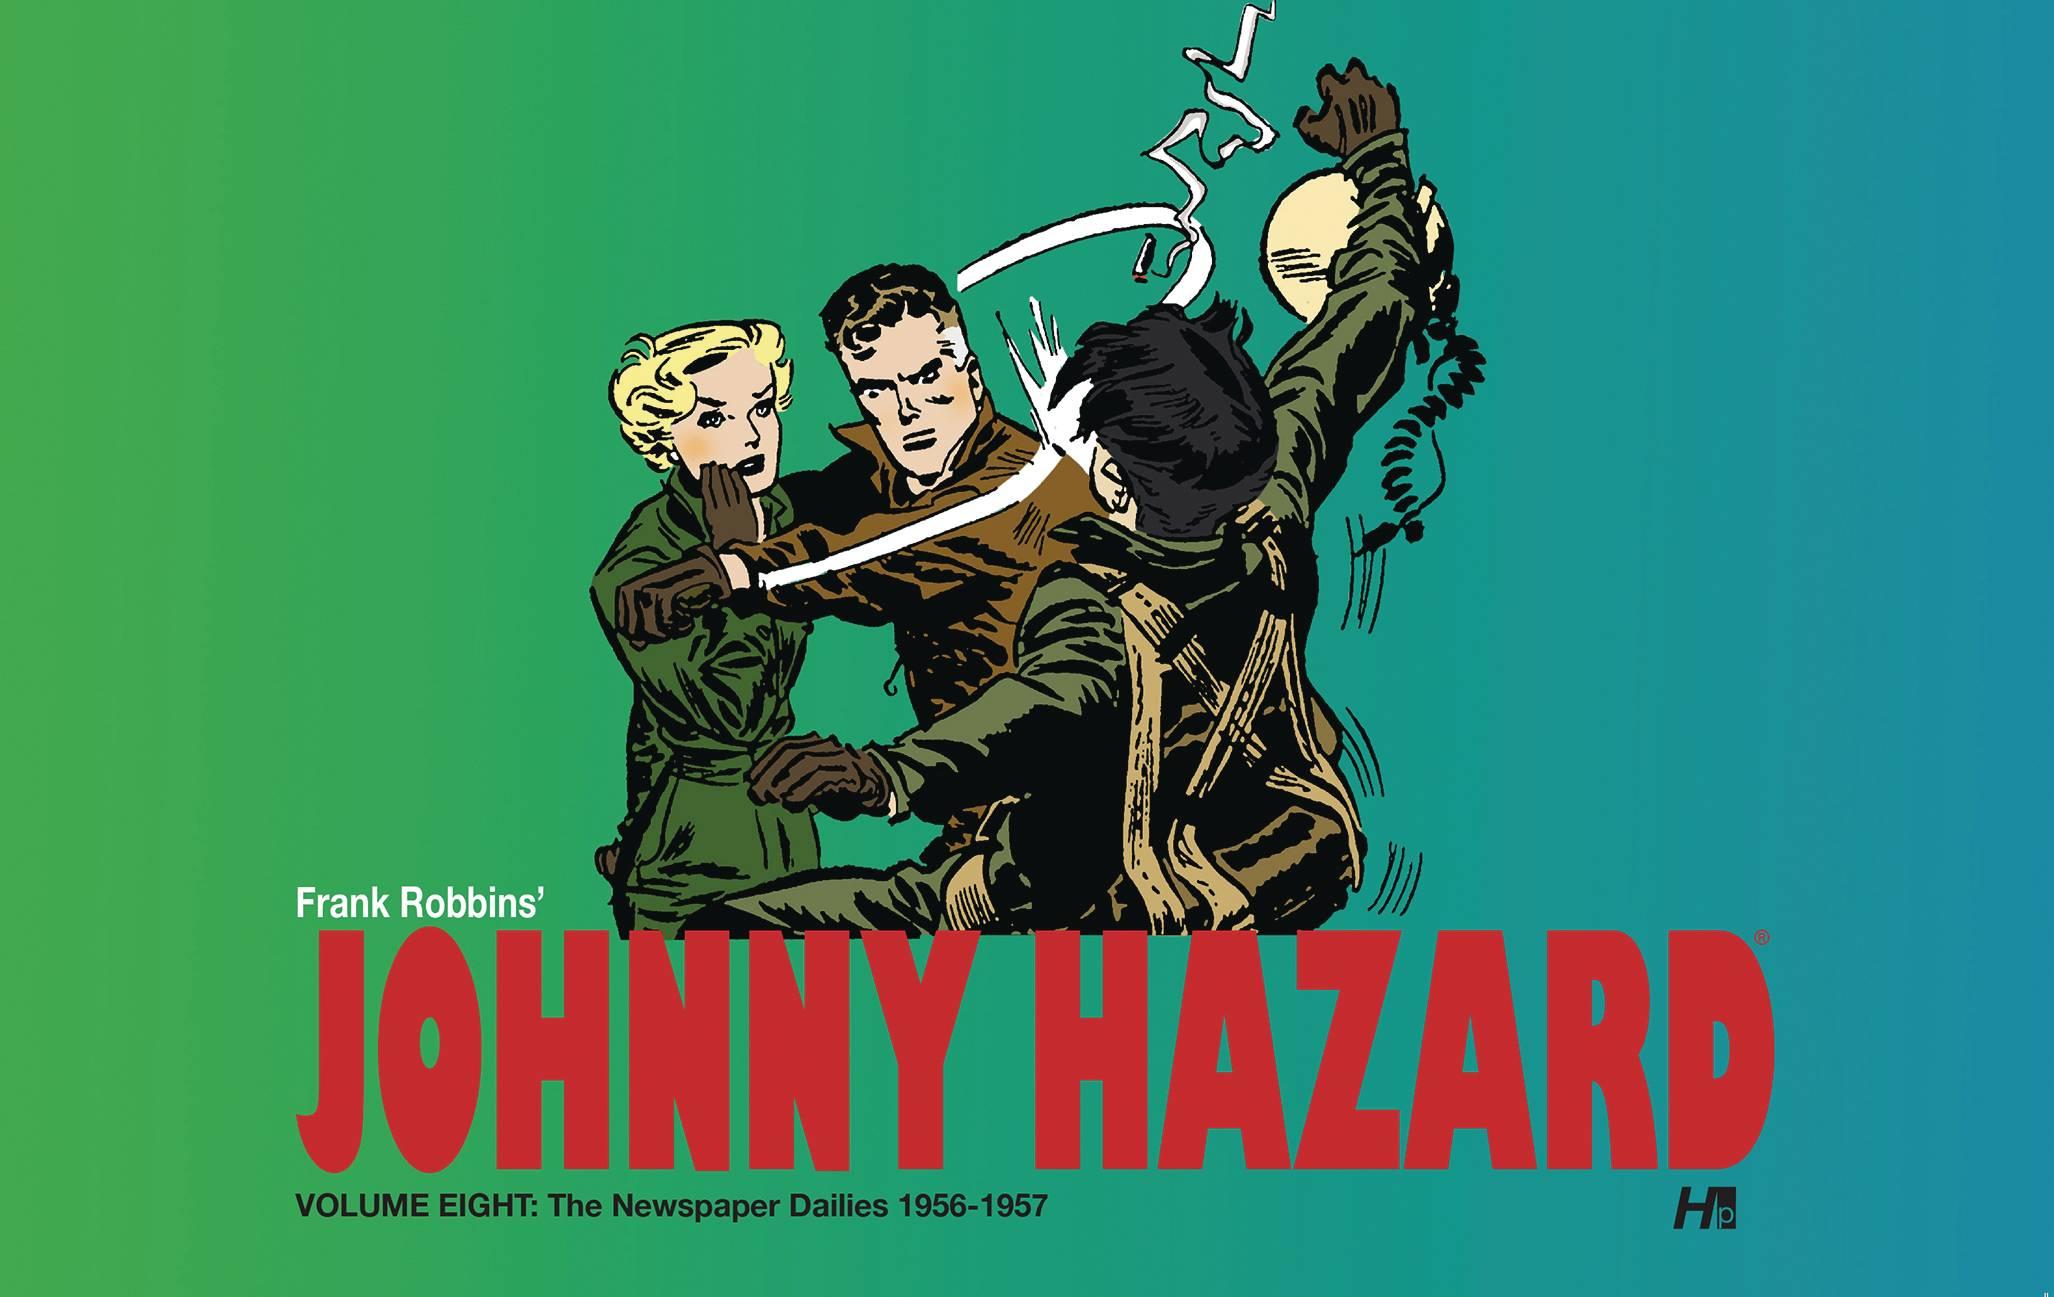 JOHNNY HAZARD DAILIES HC 08 1956-1957